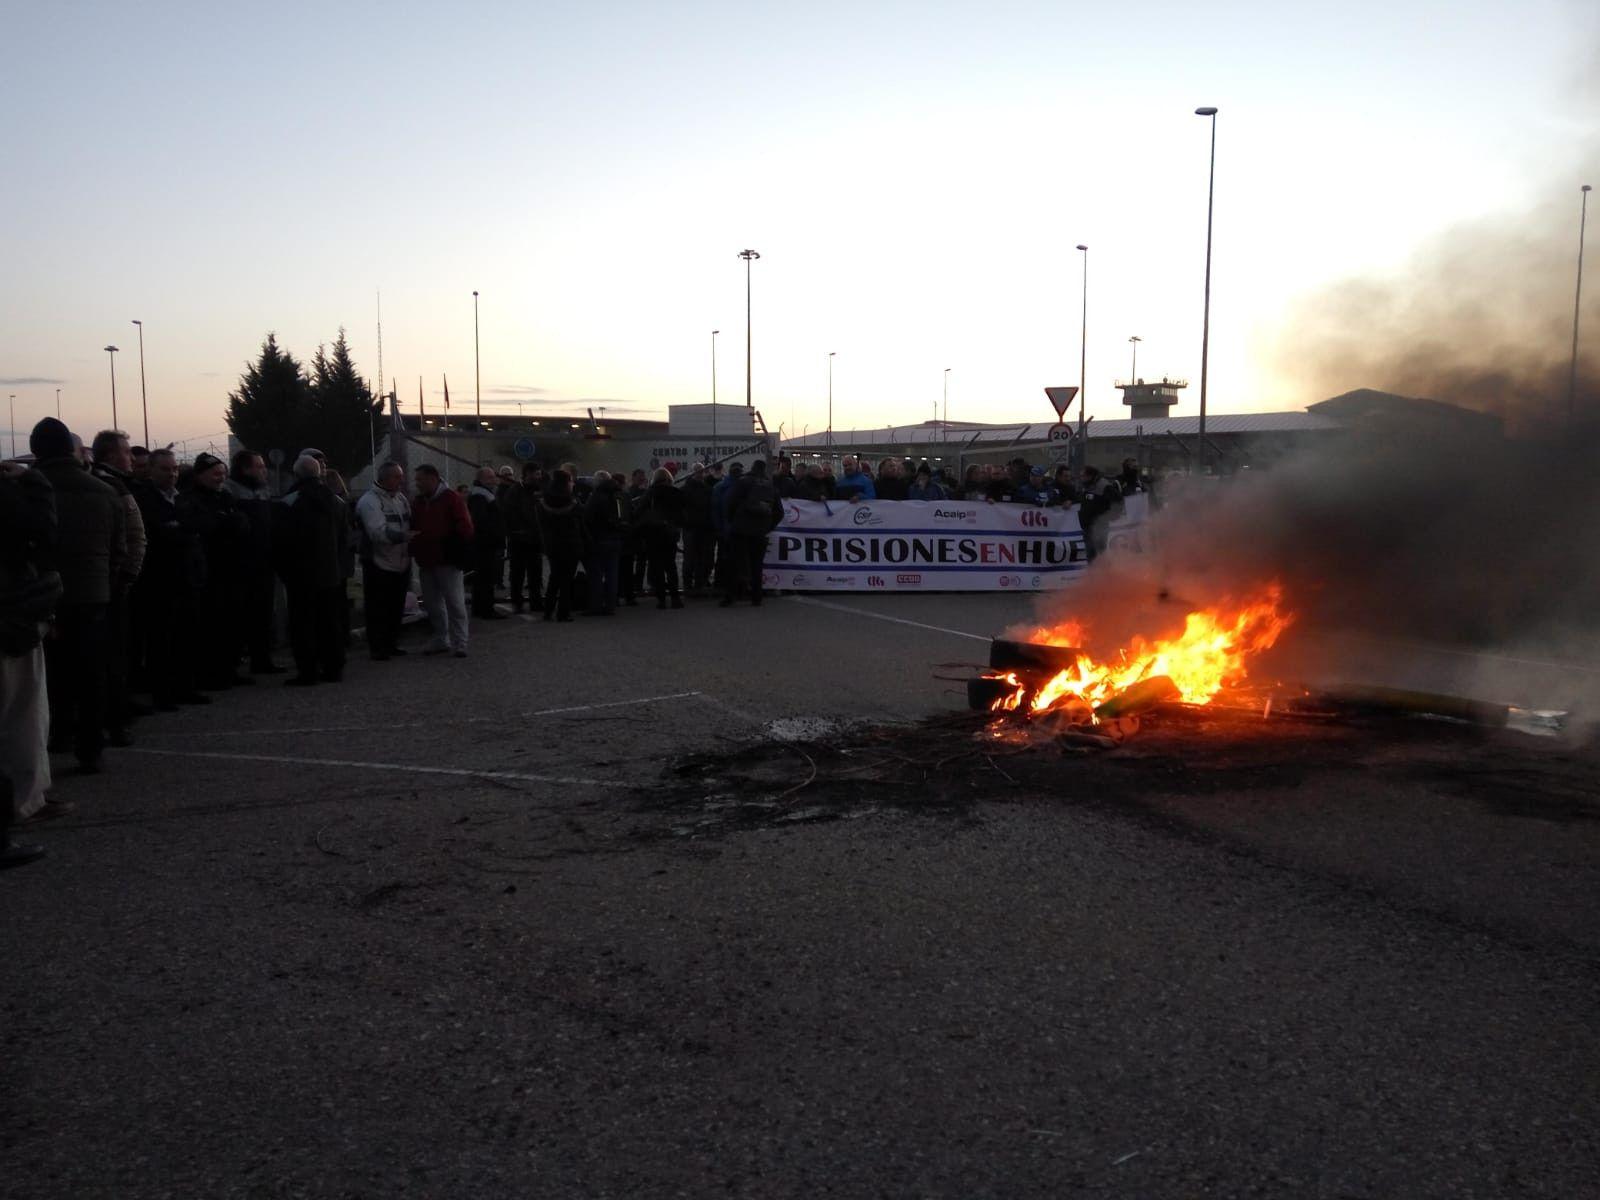 Barricada de fuego en huelga de funcionarios de prisiones en Leu00f3n